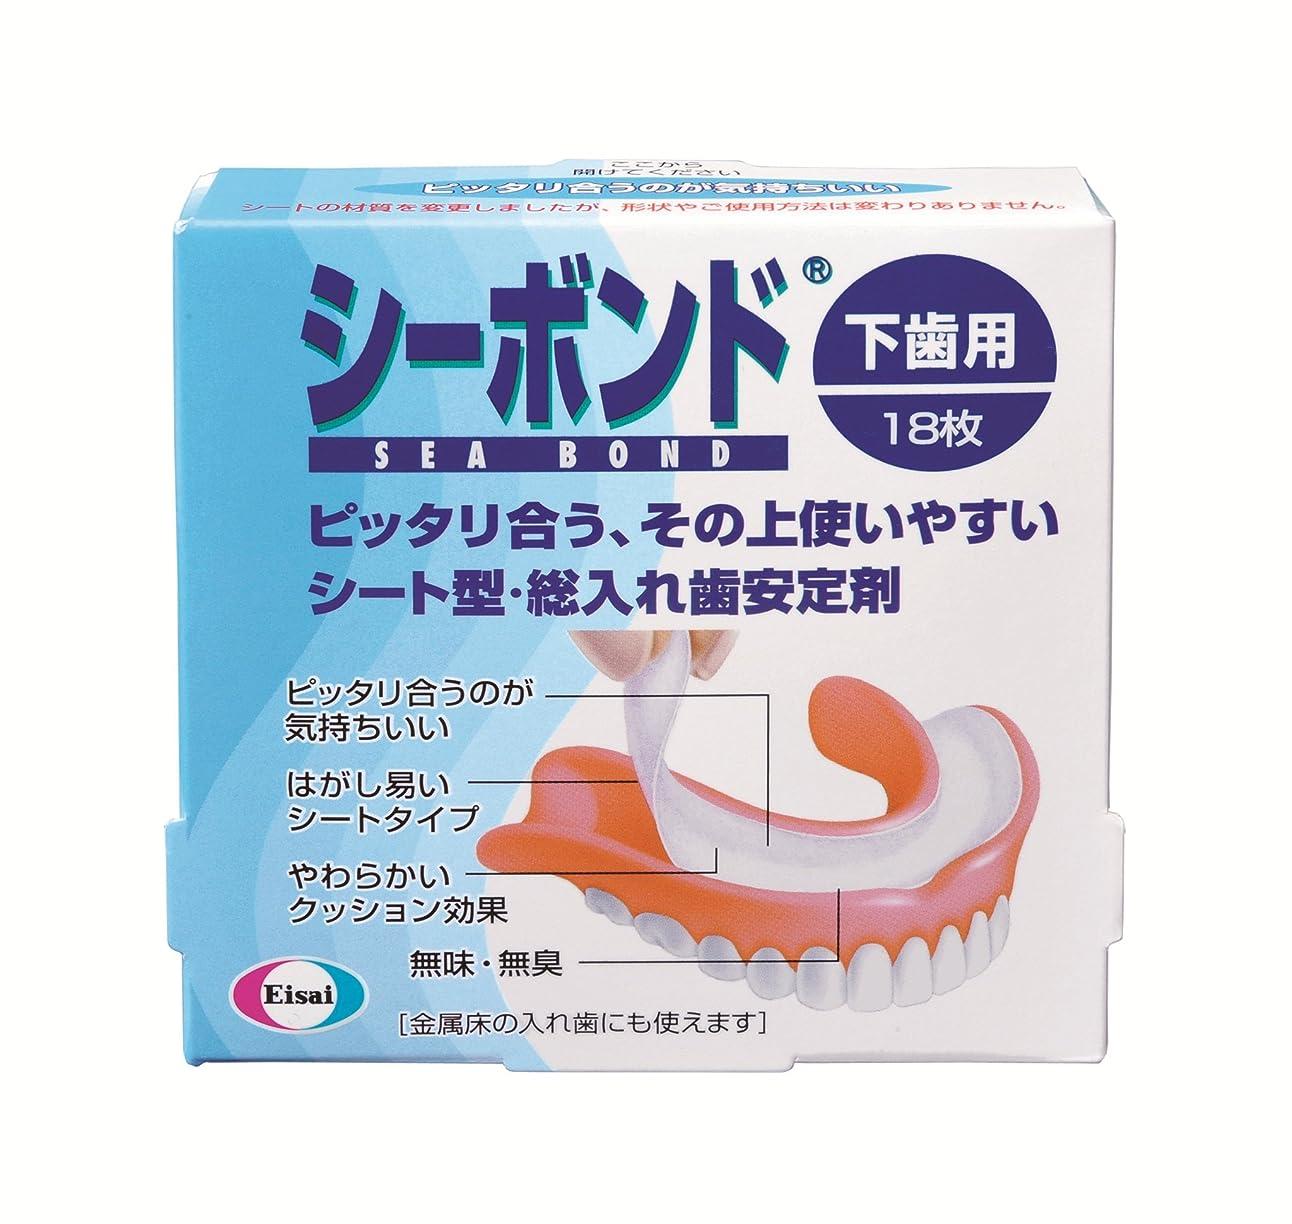 熱心な隔離キネマティクスシーボンド 下歯用 18枚